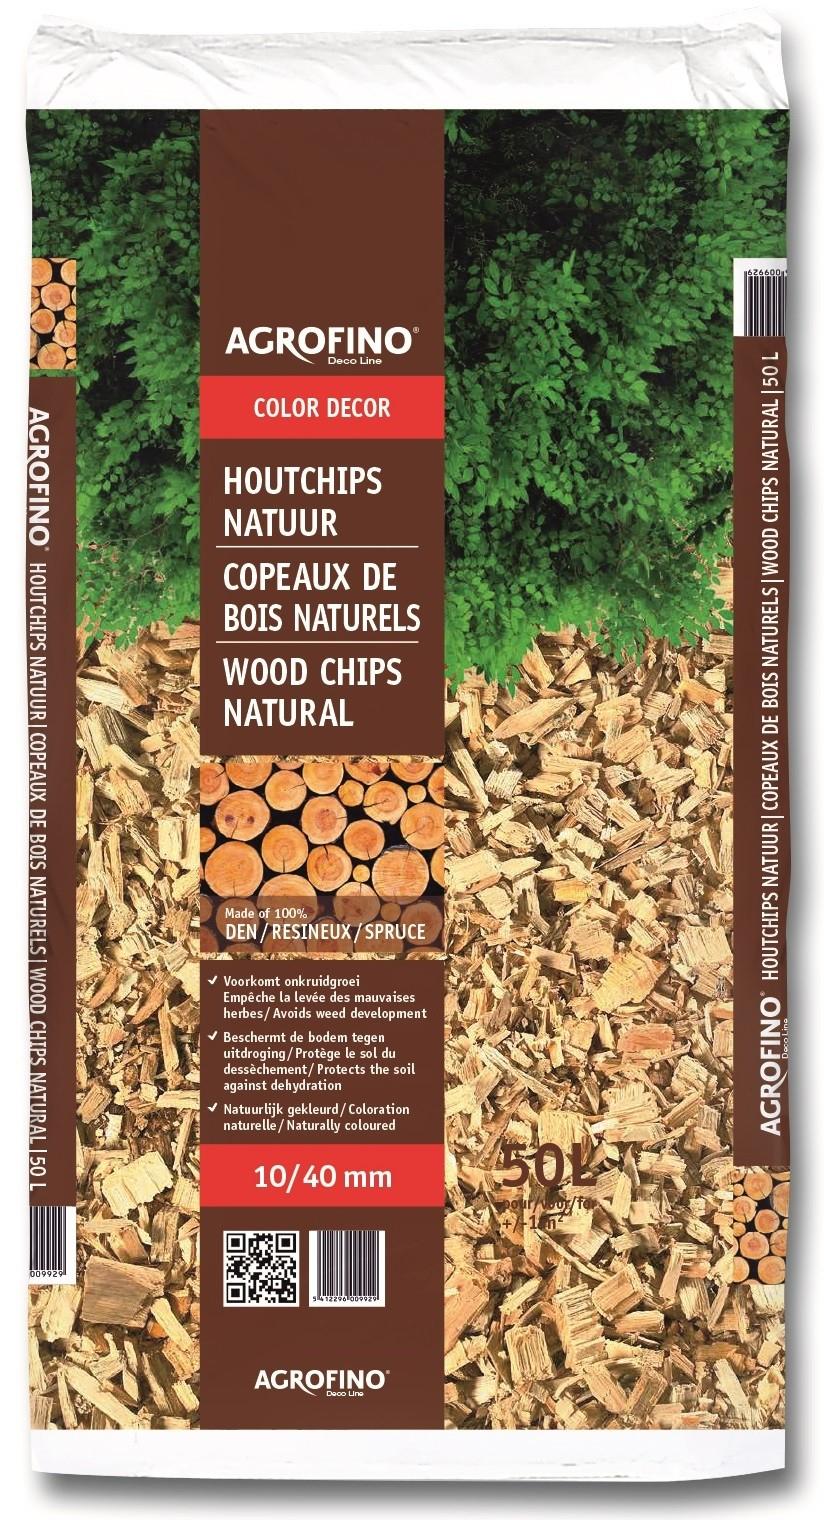 Copeaux De Bois Naturels 50 L Agrofino - Mr.bricolage concernant Prix Copeaux De Bois Jardin